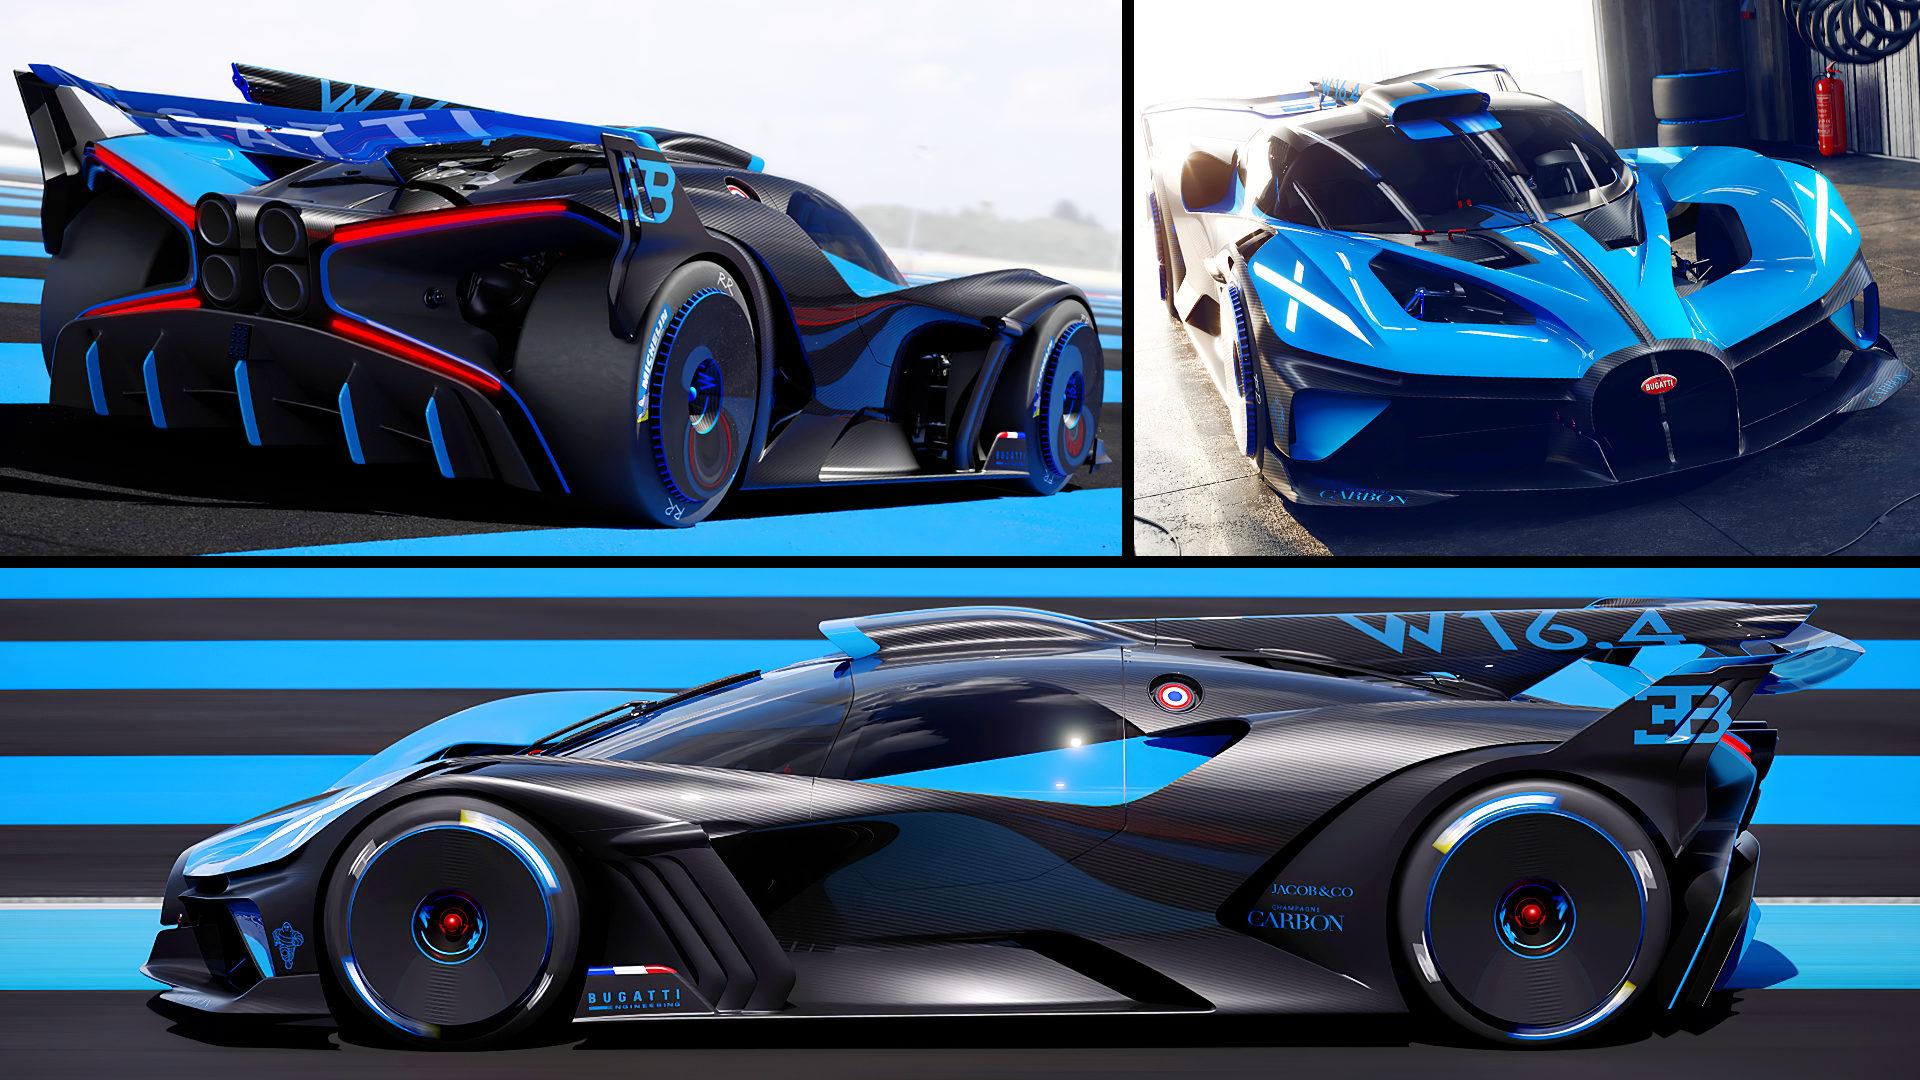 2020 Bugatti Bolide Hypercar